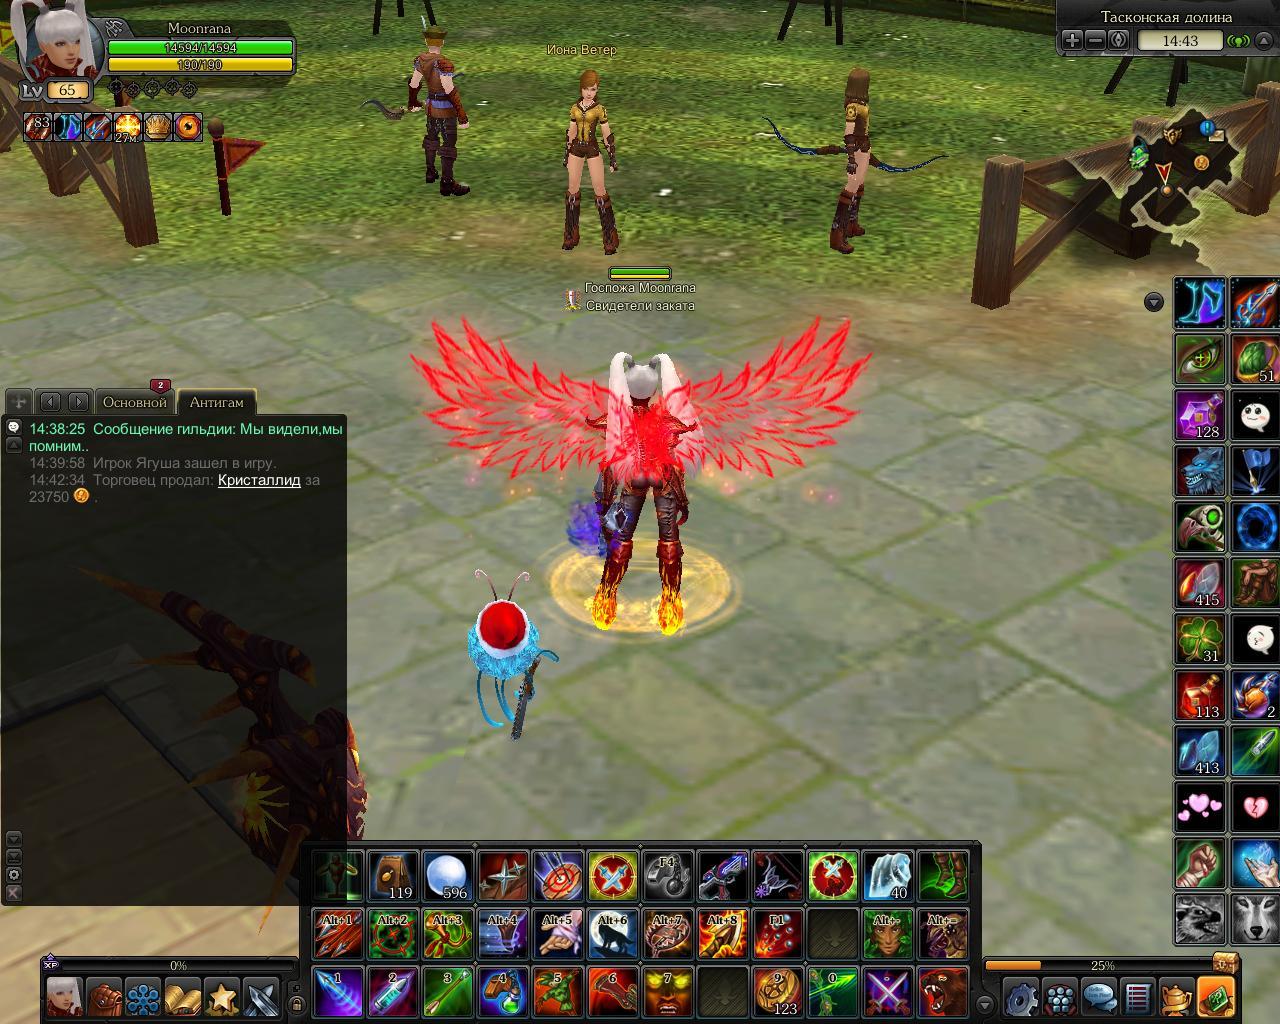 screen_190907_001.1567856619.jpg